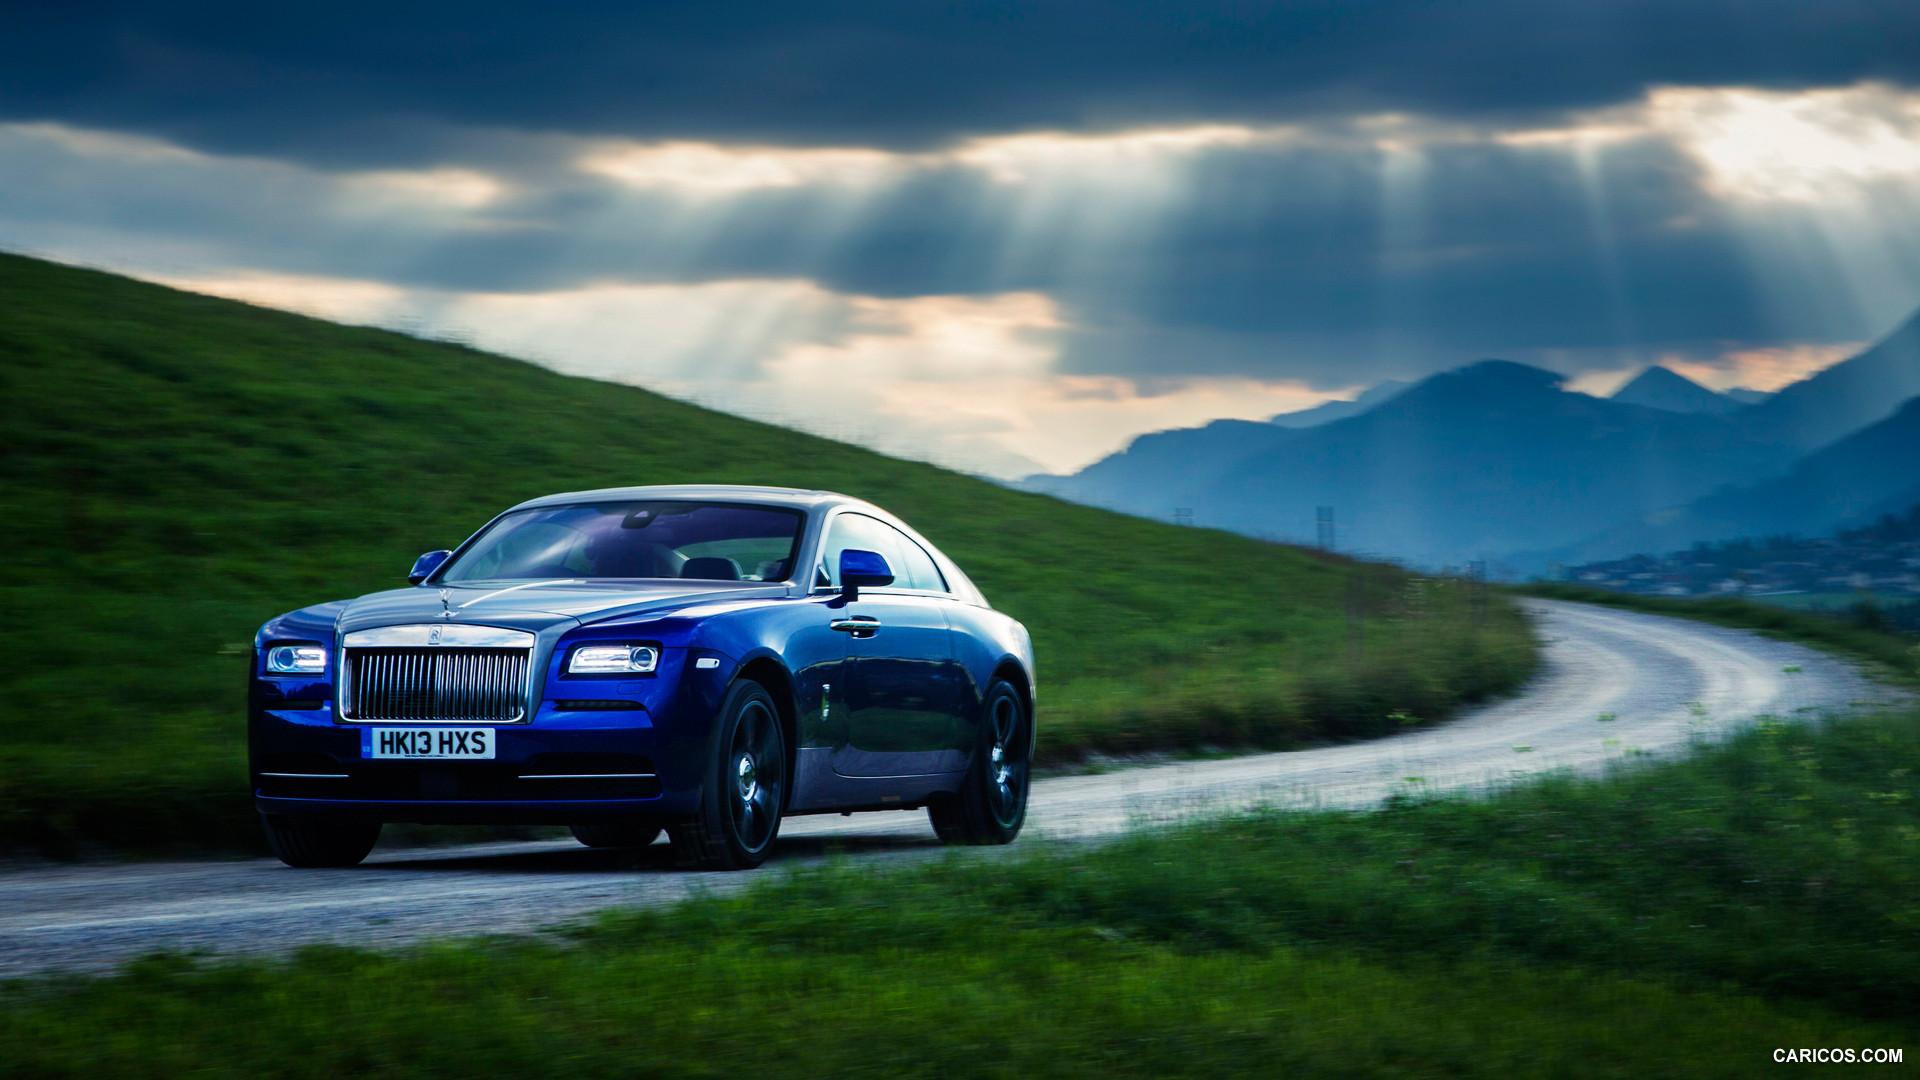 100 Roll Royce Wallpaper Rolls Royce Ghost